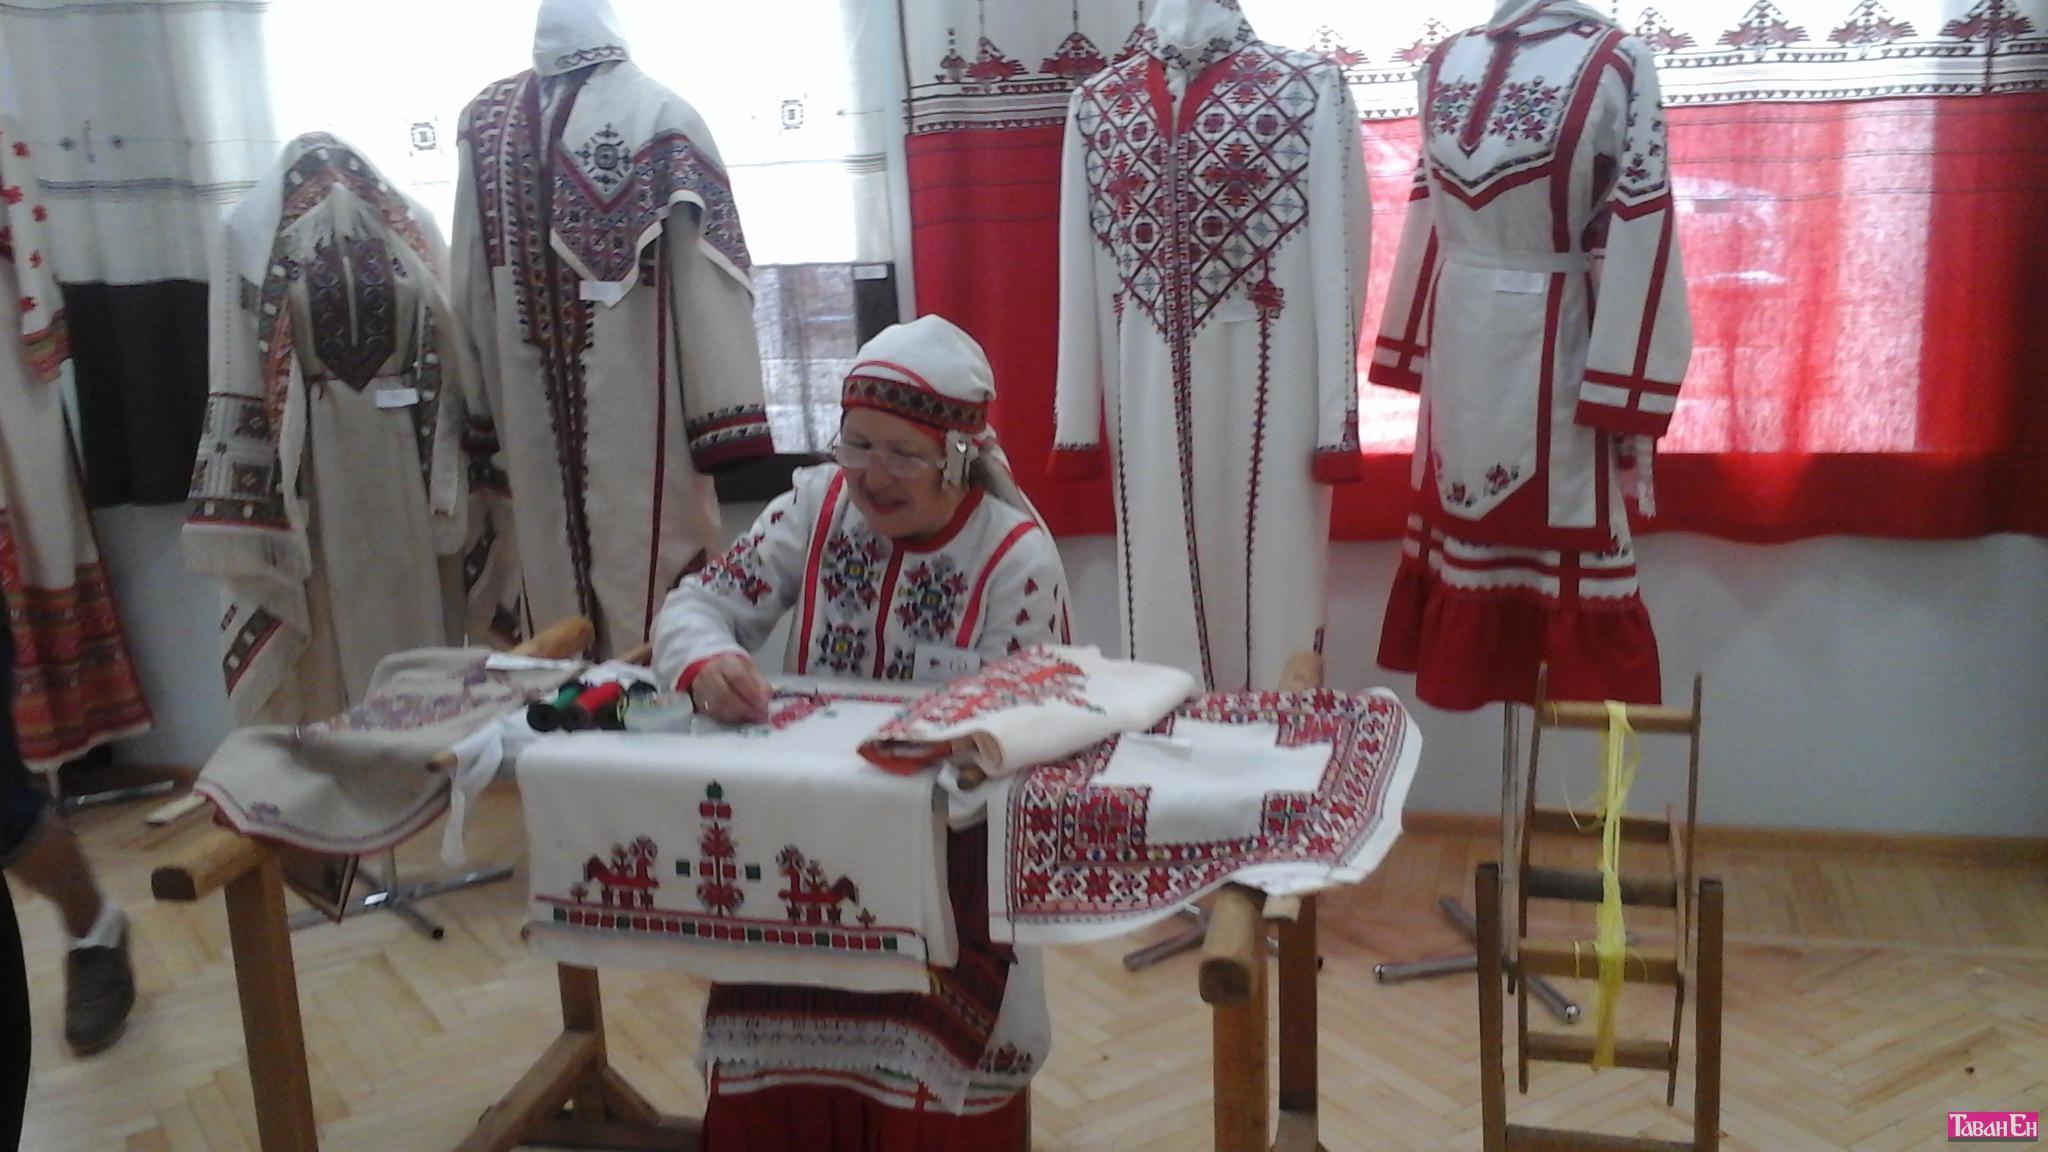 Национальная чувашская одежда Сайт посвященный туризму и путешествиям 14